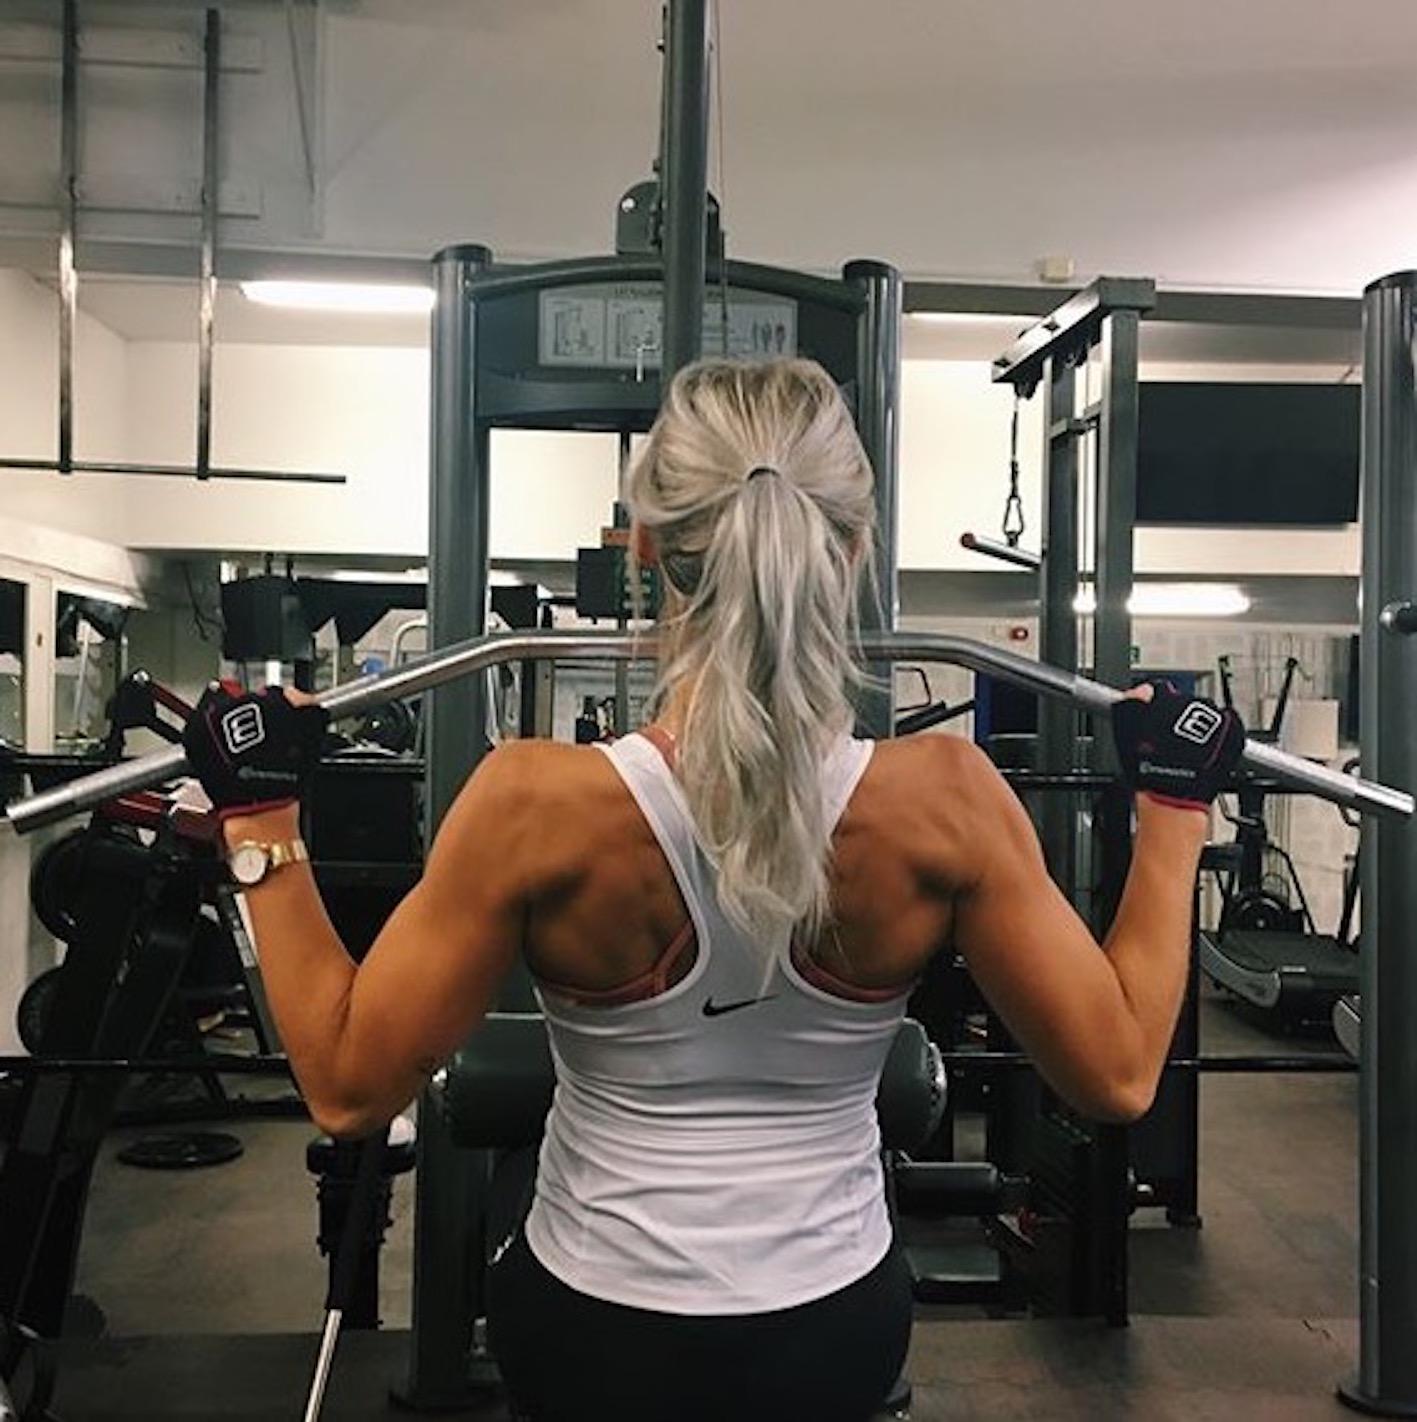 kosttillskott före och efter träning